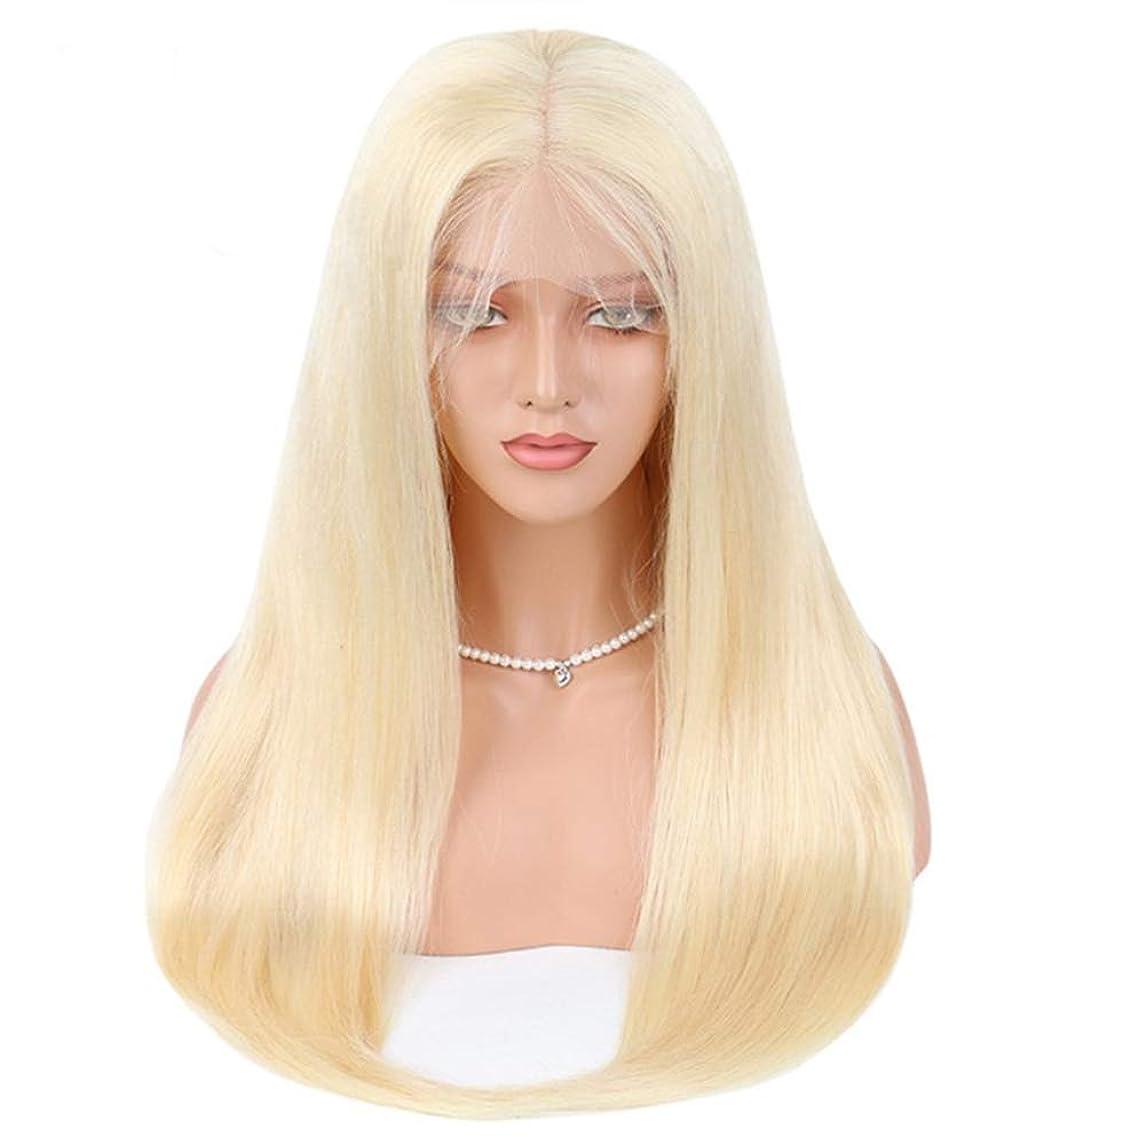 航海のオーバーヘッド手数料BOBIDYEE フルレースリアルナチュラル女性用フロントかつらロングストレート耐熱毛プレ摘み取ら本物の毛髪かつらかつらロールプレイングかつら (サイズ : 20